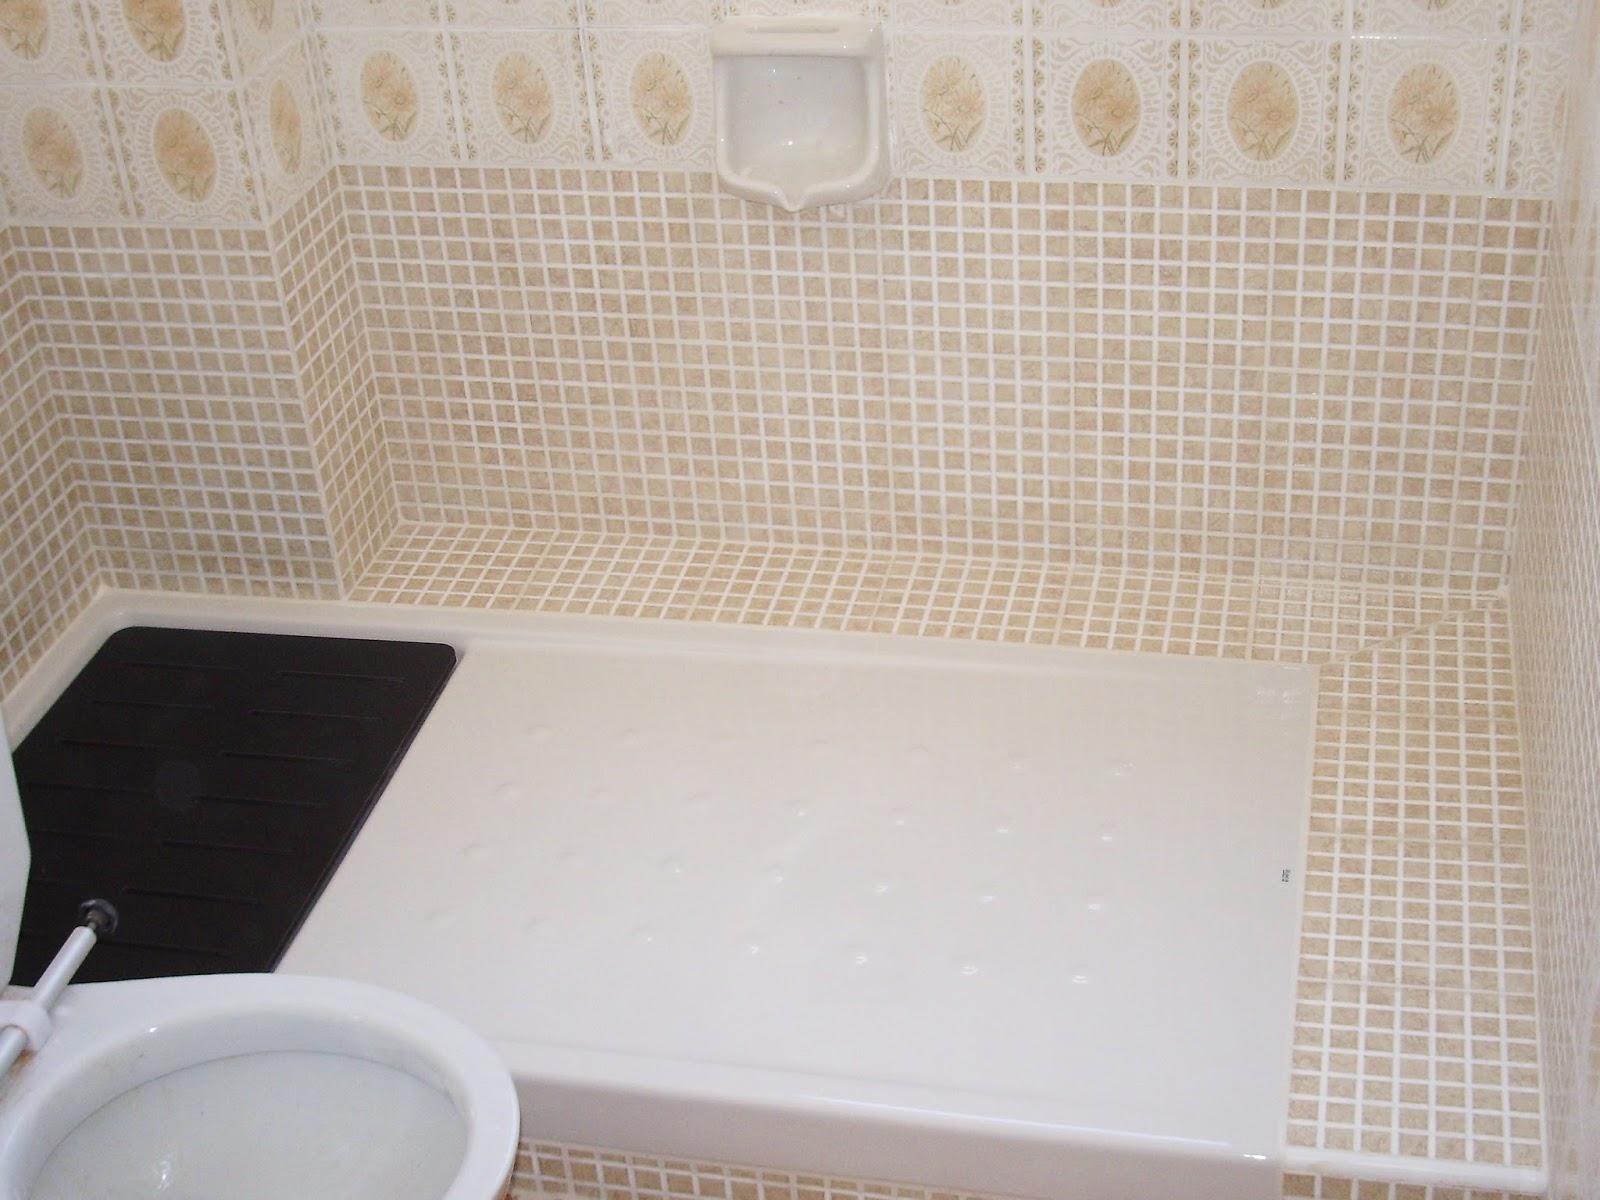 Baldosassa fotos e imagenes de platos de ducha - Cambio de banera por ducha sin obras ...